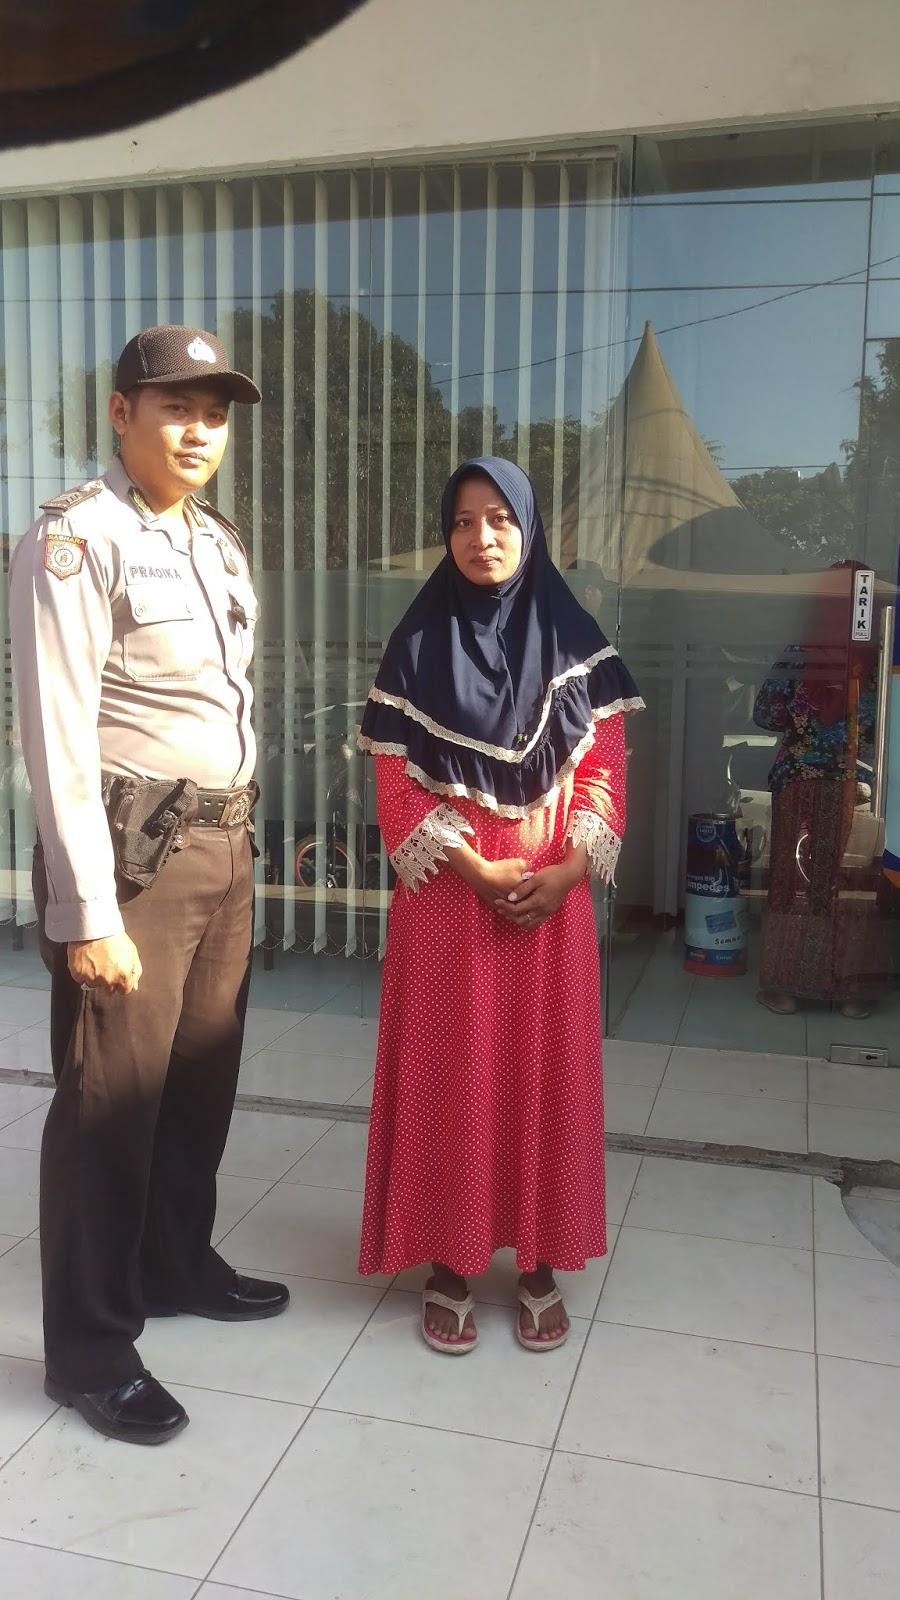 Patroli Dialogis Polsek Sepulu Memberikan Himbauan Kamtibmas